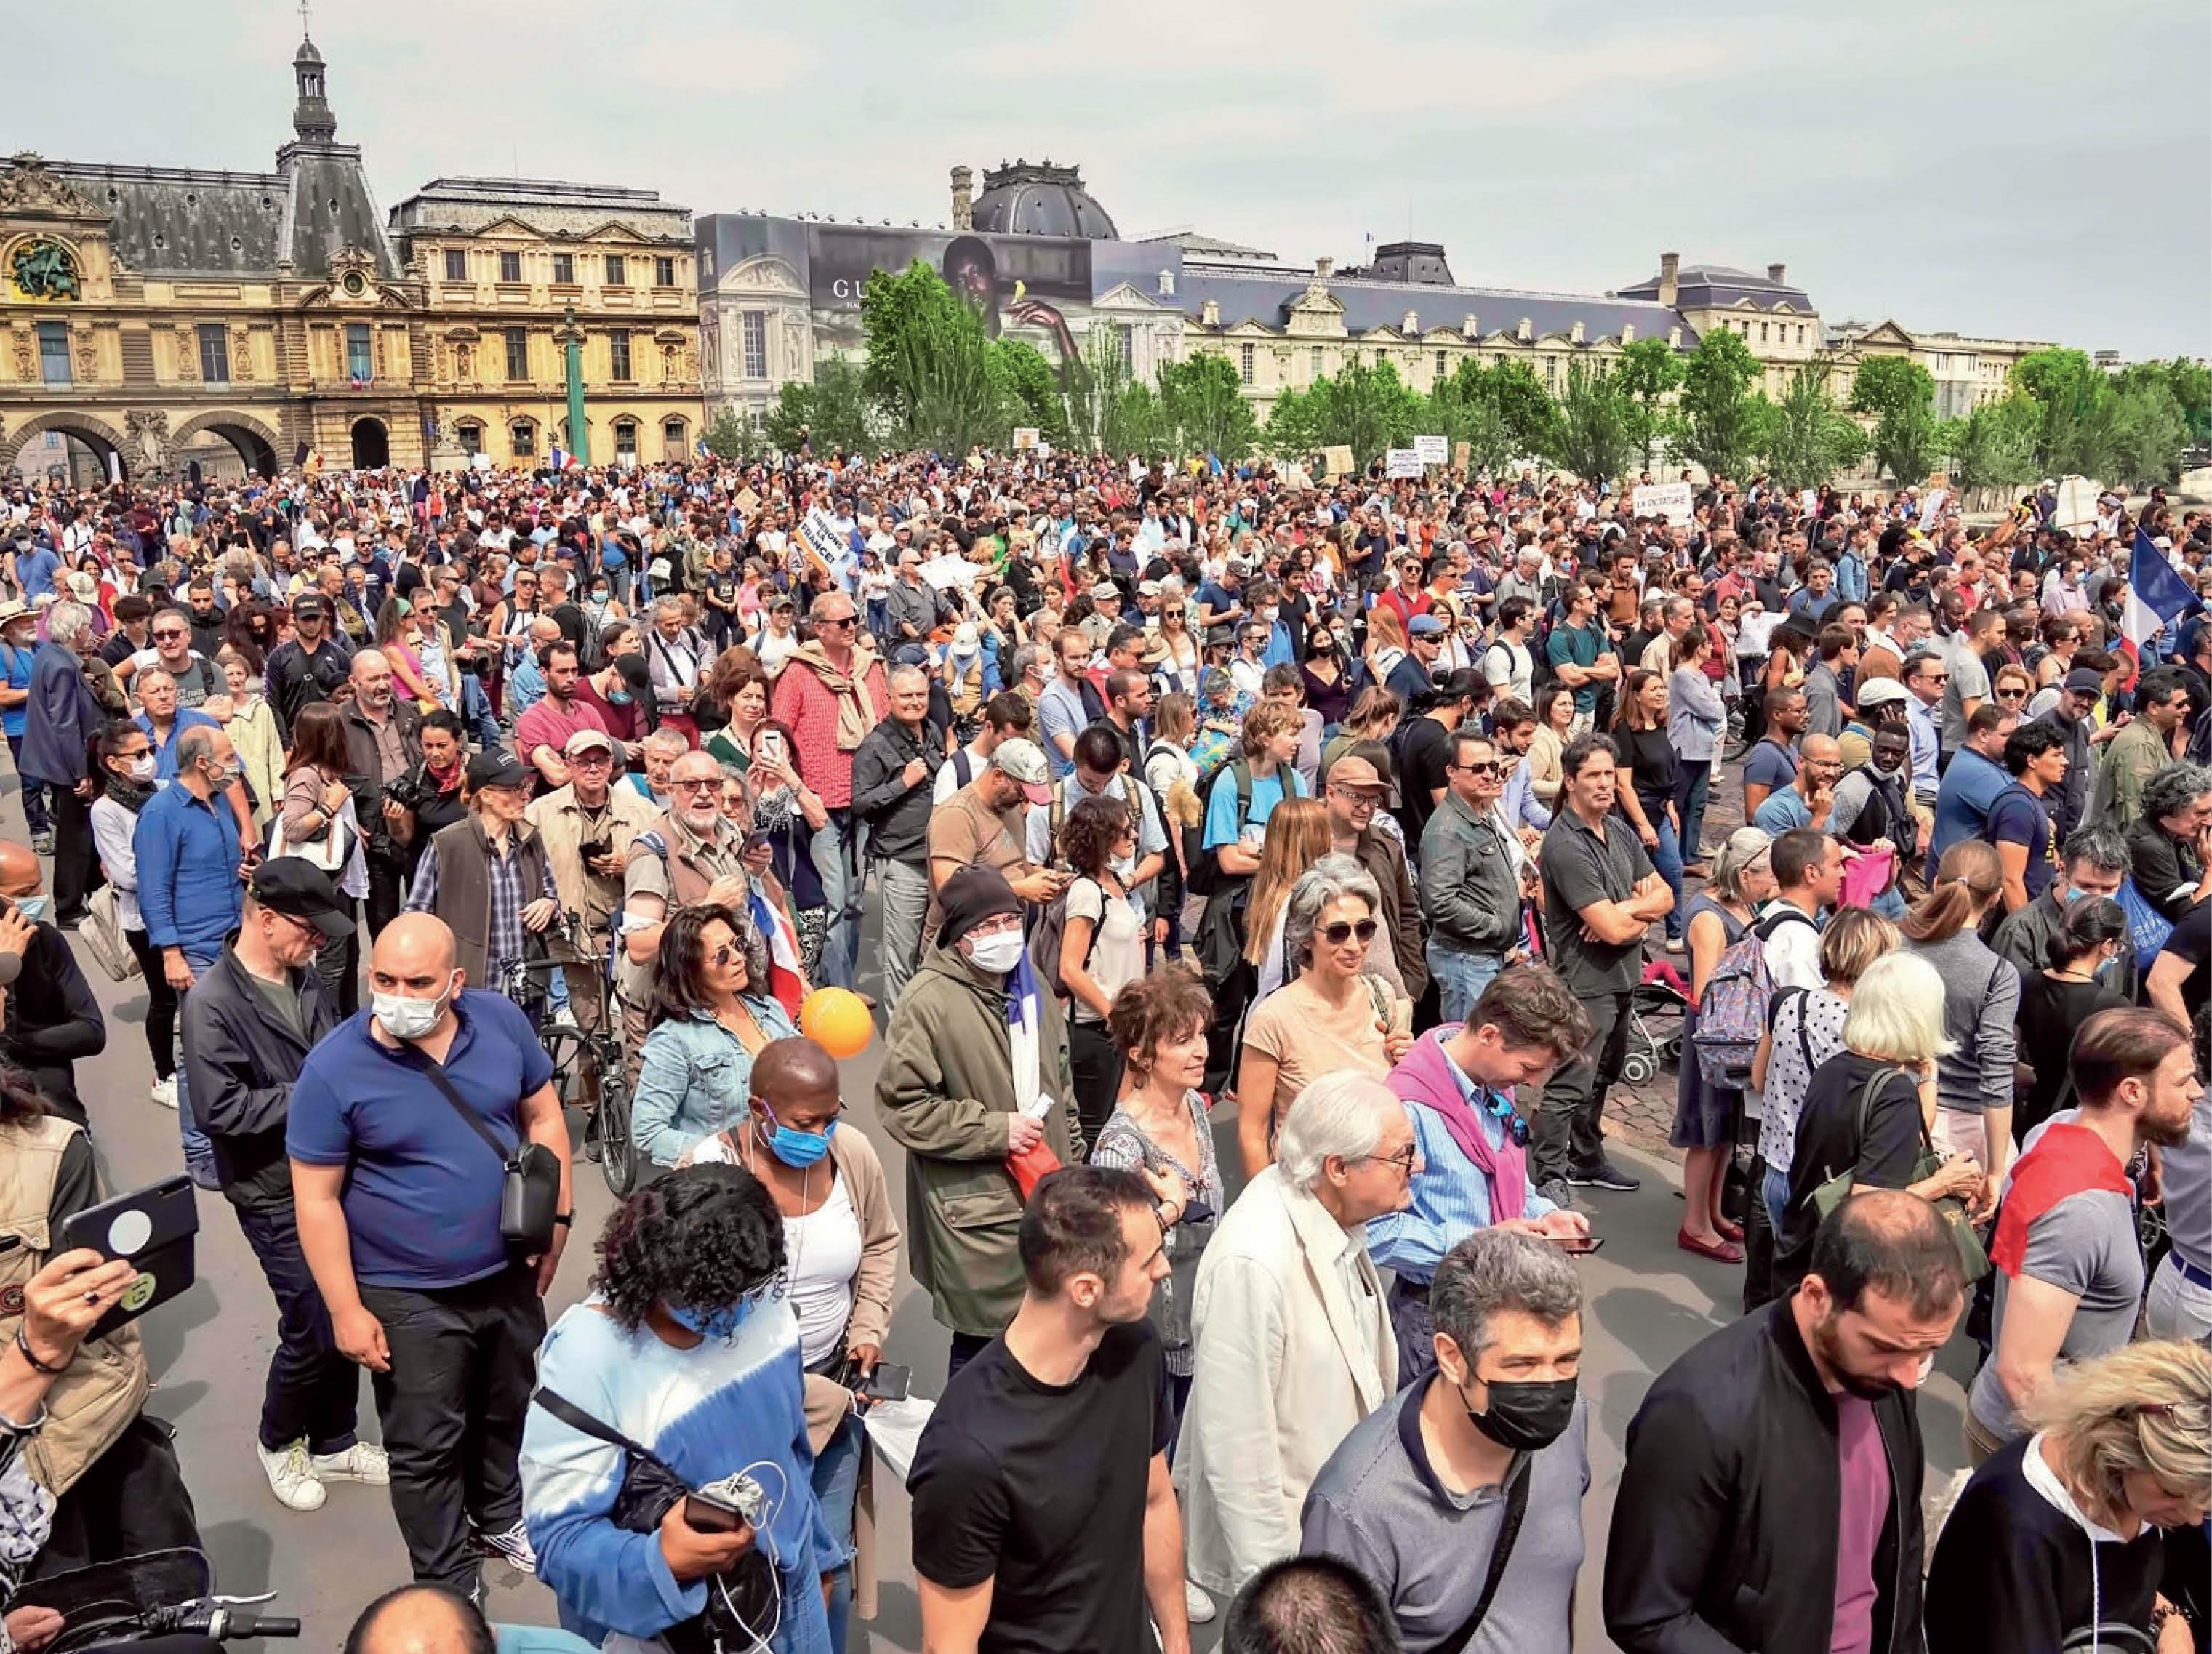 फ्रांस सरकार ने बार और रेस्तरां में प्रवेश के लिए वैक्सीनेशन पास की प्रक्रिया अनिवार्य कर दी है। इसे लेकर फ्रांस में टीका विरोधी प्रदर्शन शुरू हो गया है। एक लाख लोग सड़कों पर उतर आए हैं। उनका कहना है- जो लोग टीकाकरण नहीं चाहते, यह उनकी पसंद की स्वतंत्रता का उल्लंघन है।